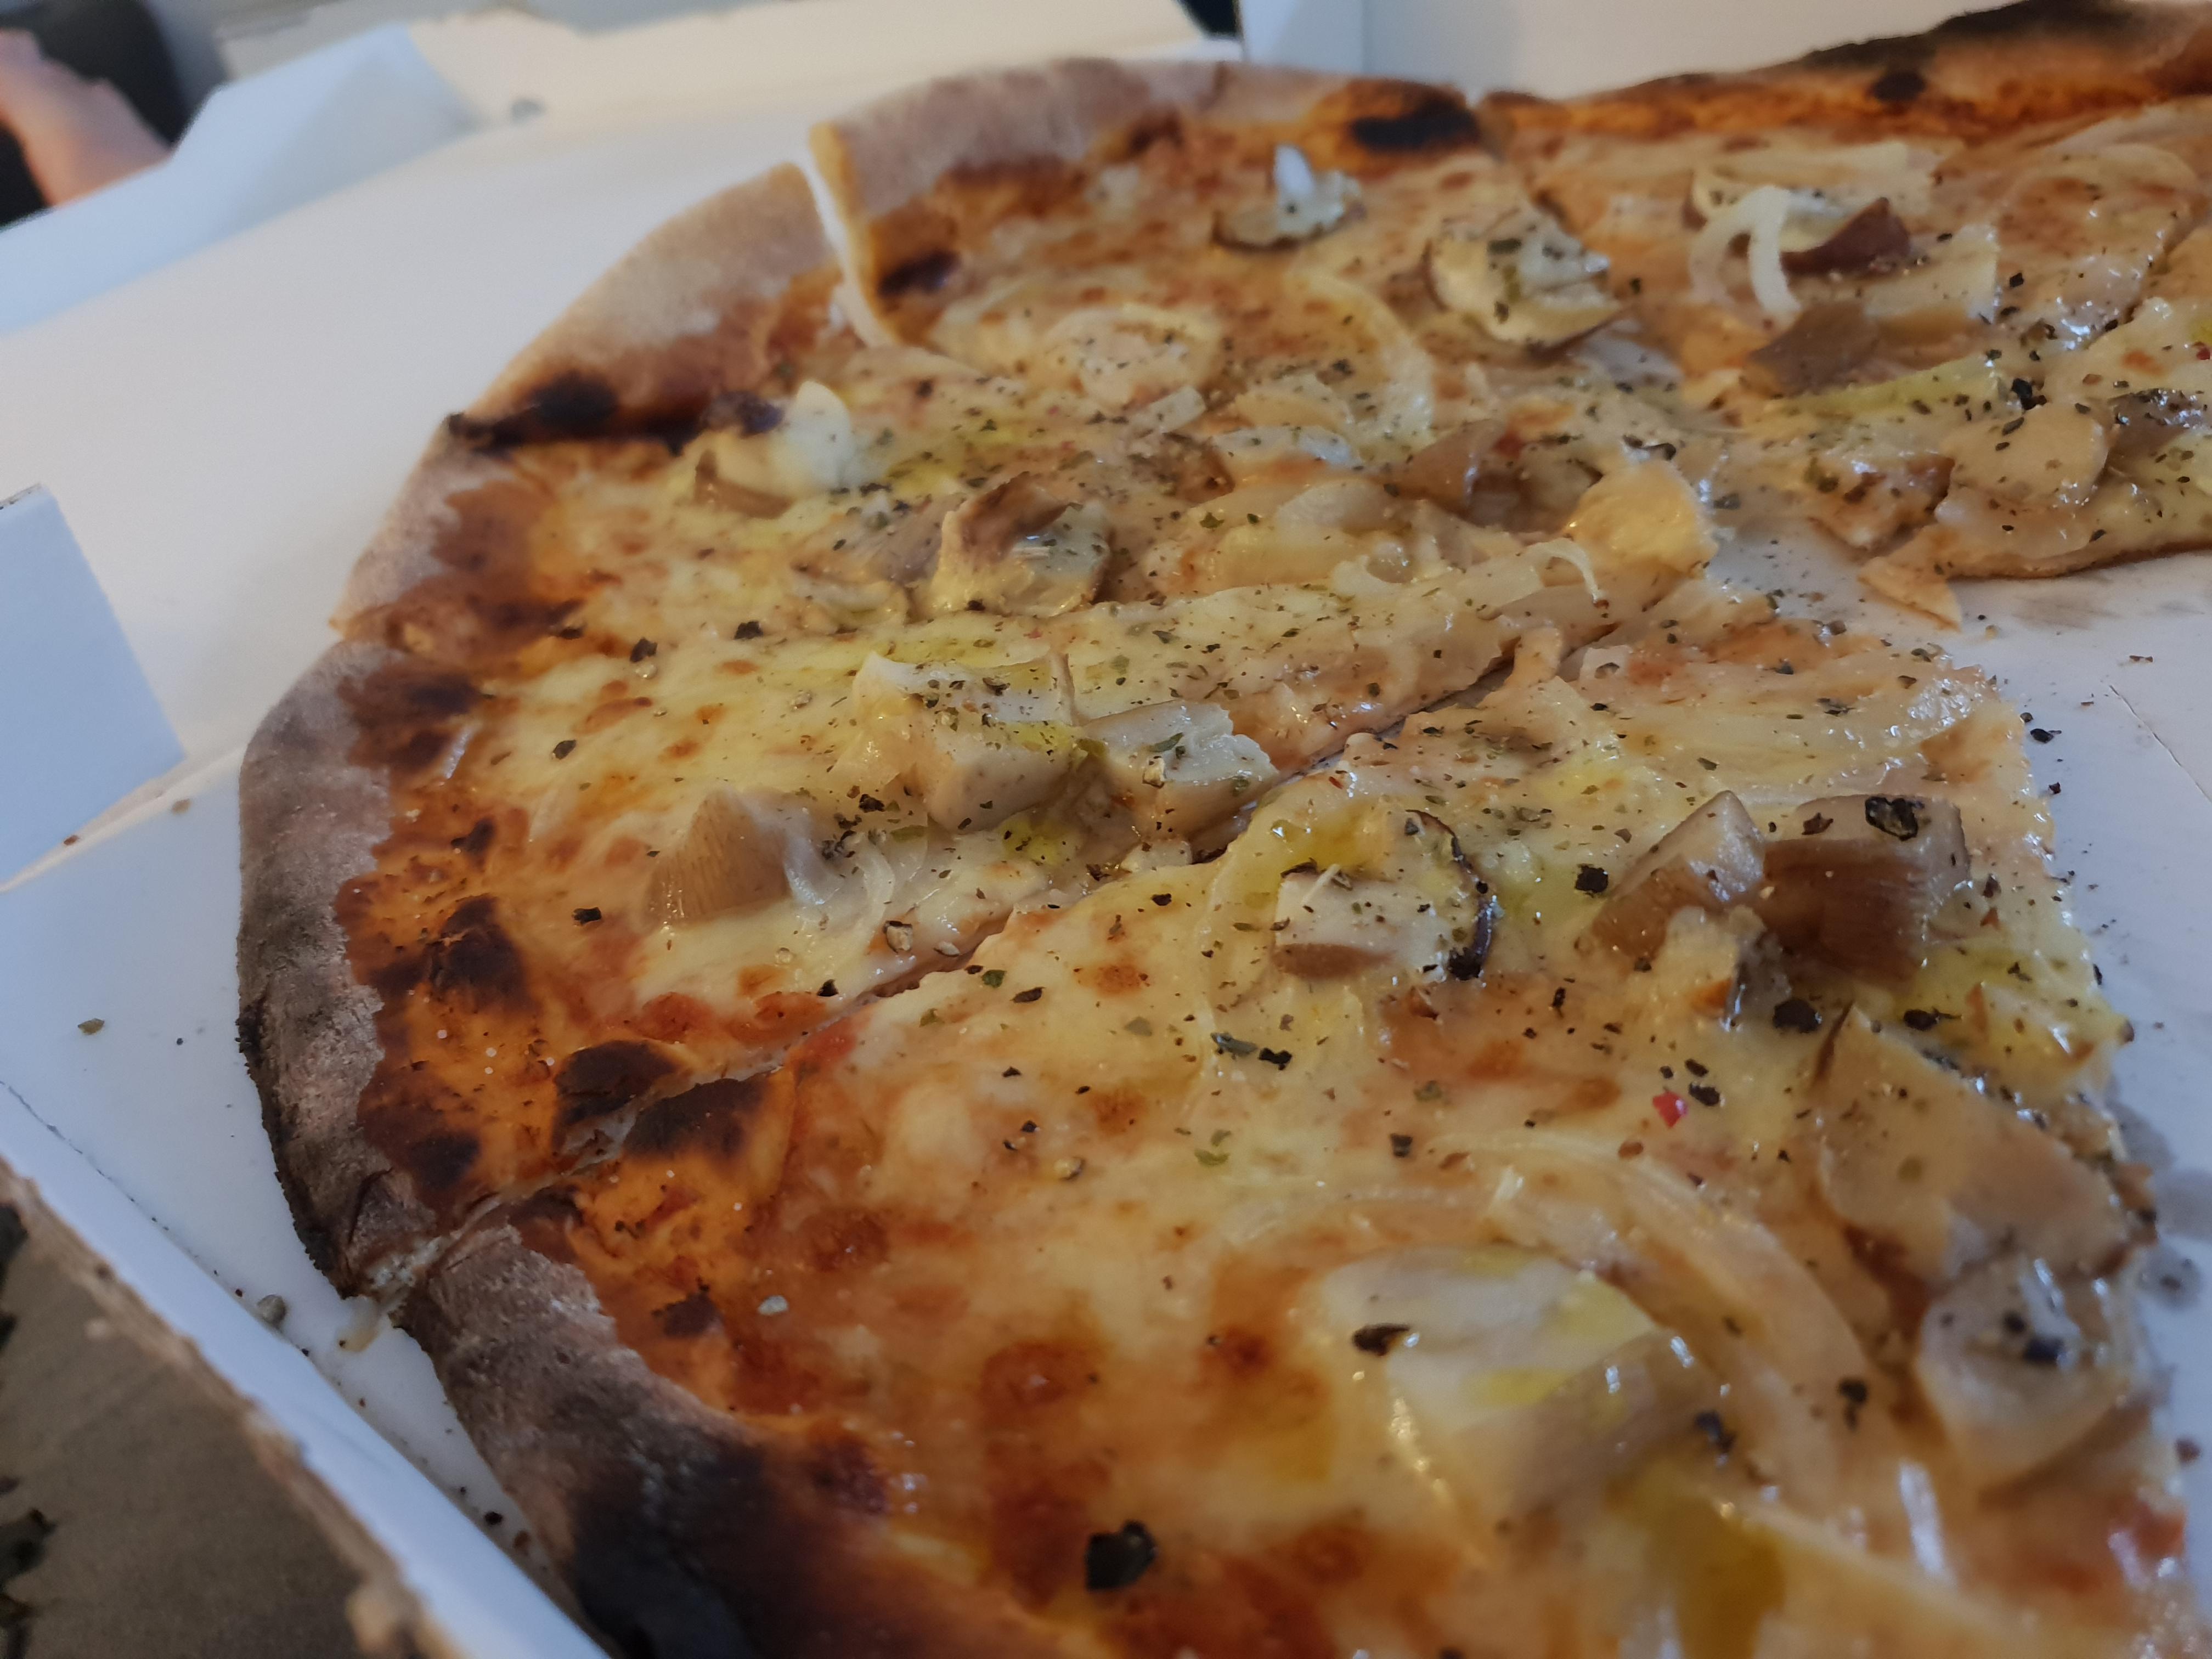 http://foodloader.net/xSh_2018-09-09_Pizza_steinpilz.jpg